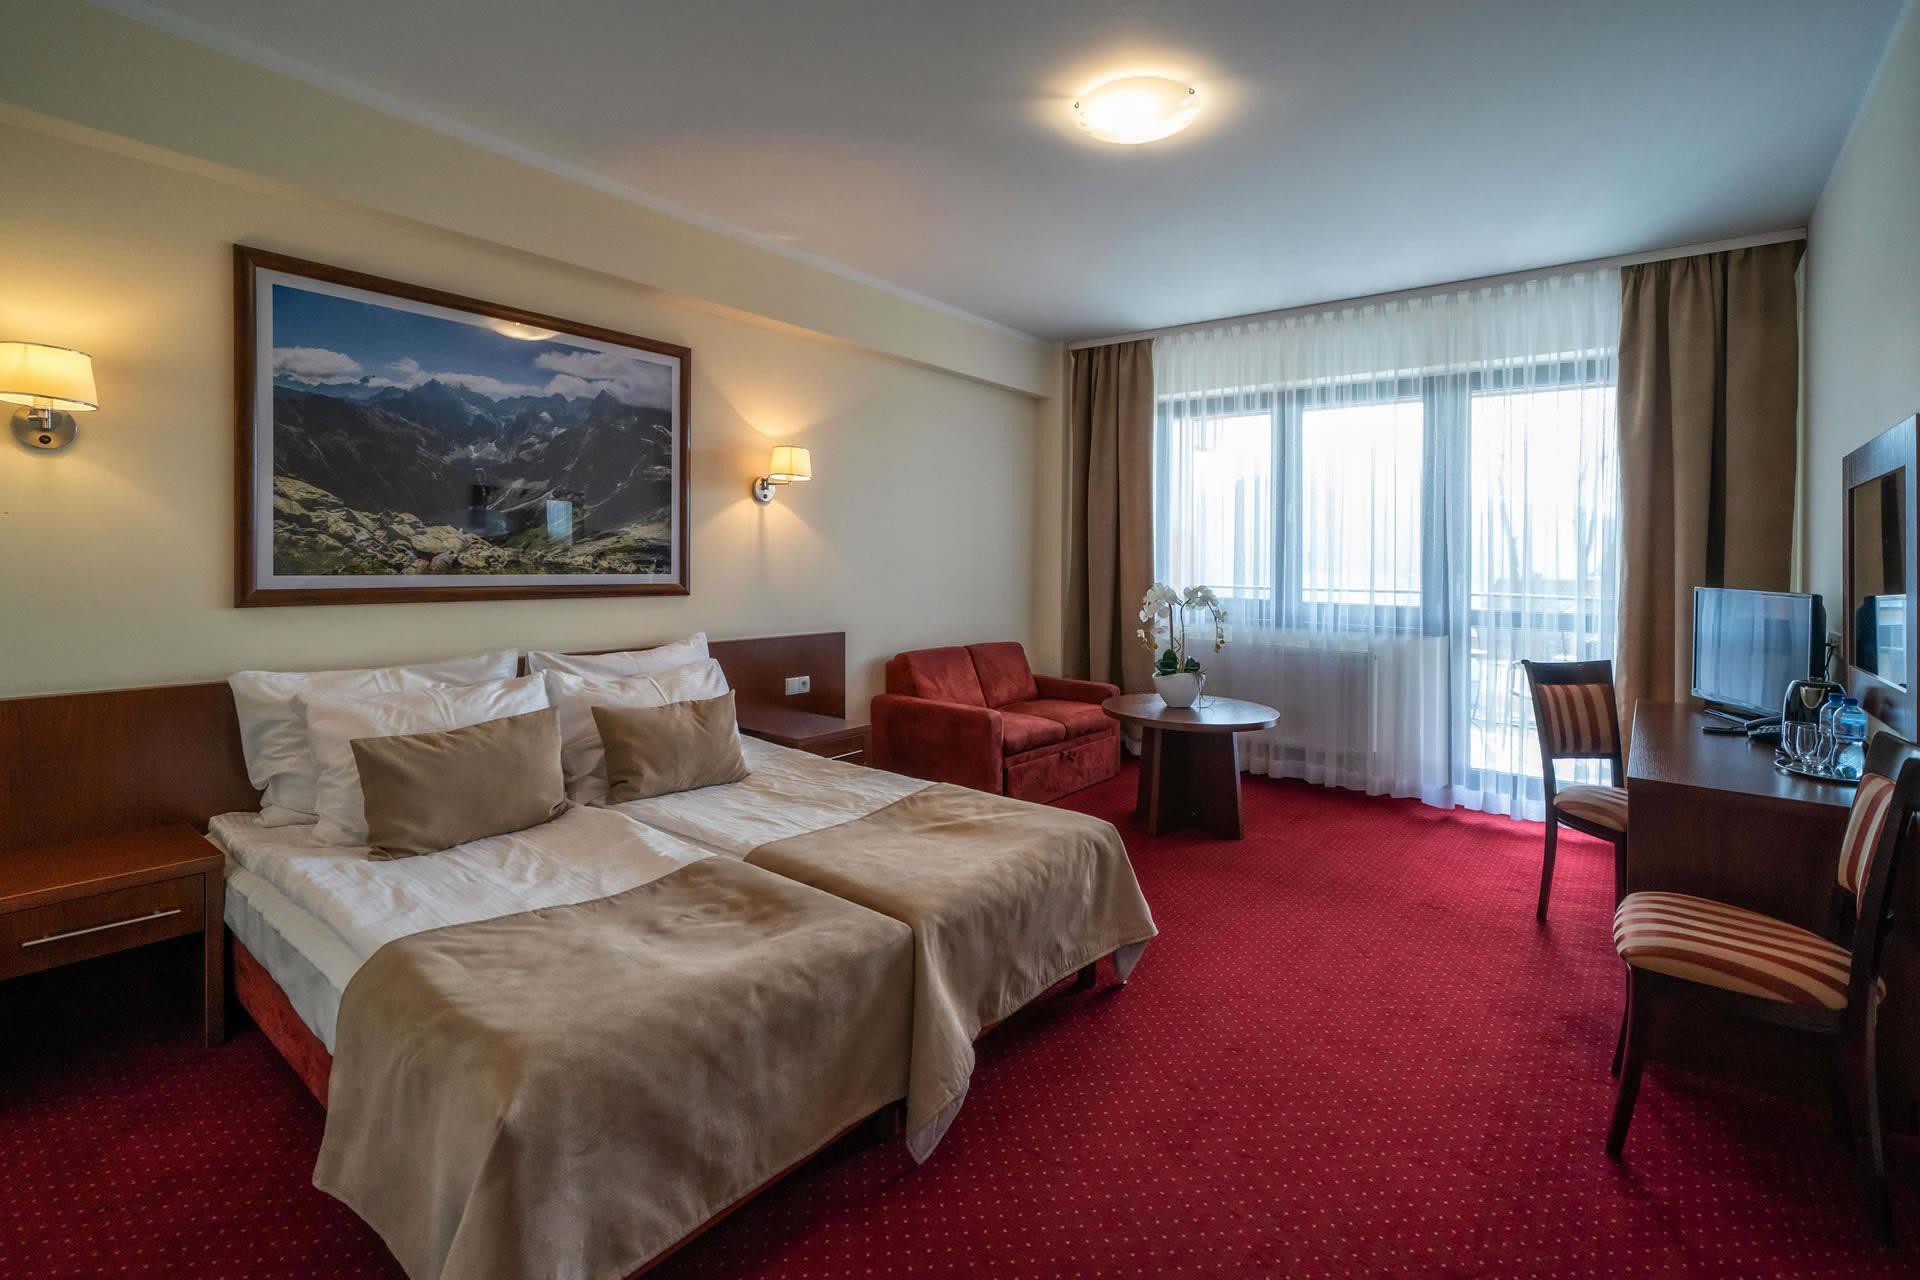 Hotel Tatra Hotel W Zakopanem Basen I Jacuzzi Strefa Relaksu